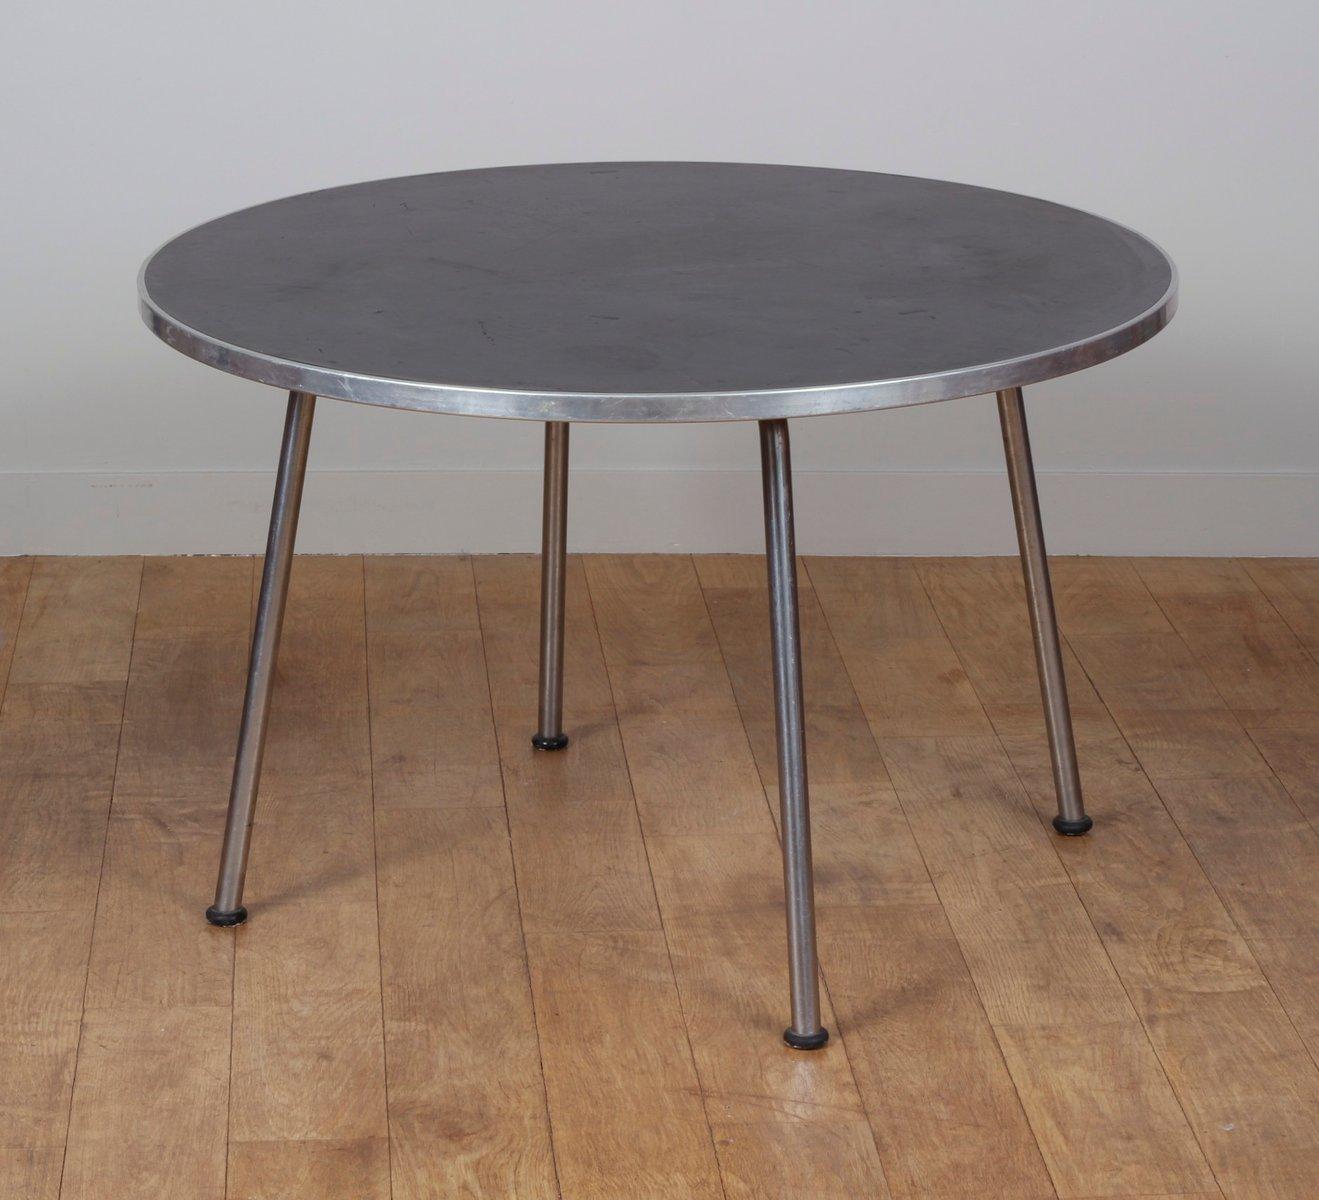 runder holz und metall tisch von gispen 1960er bei pamono. Black Bedroom Furniture Sets. Home Design Ideas